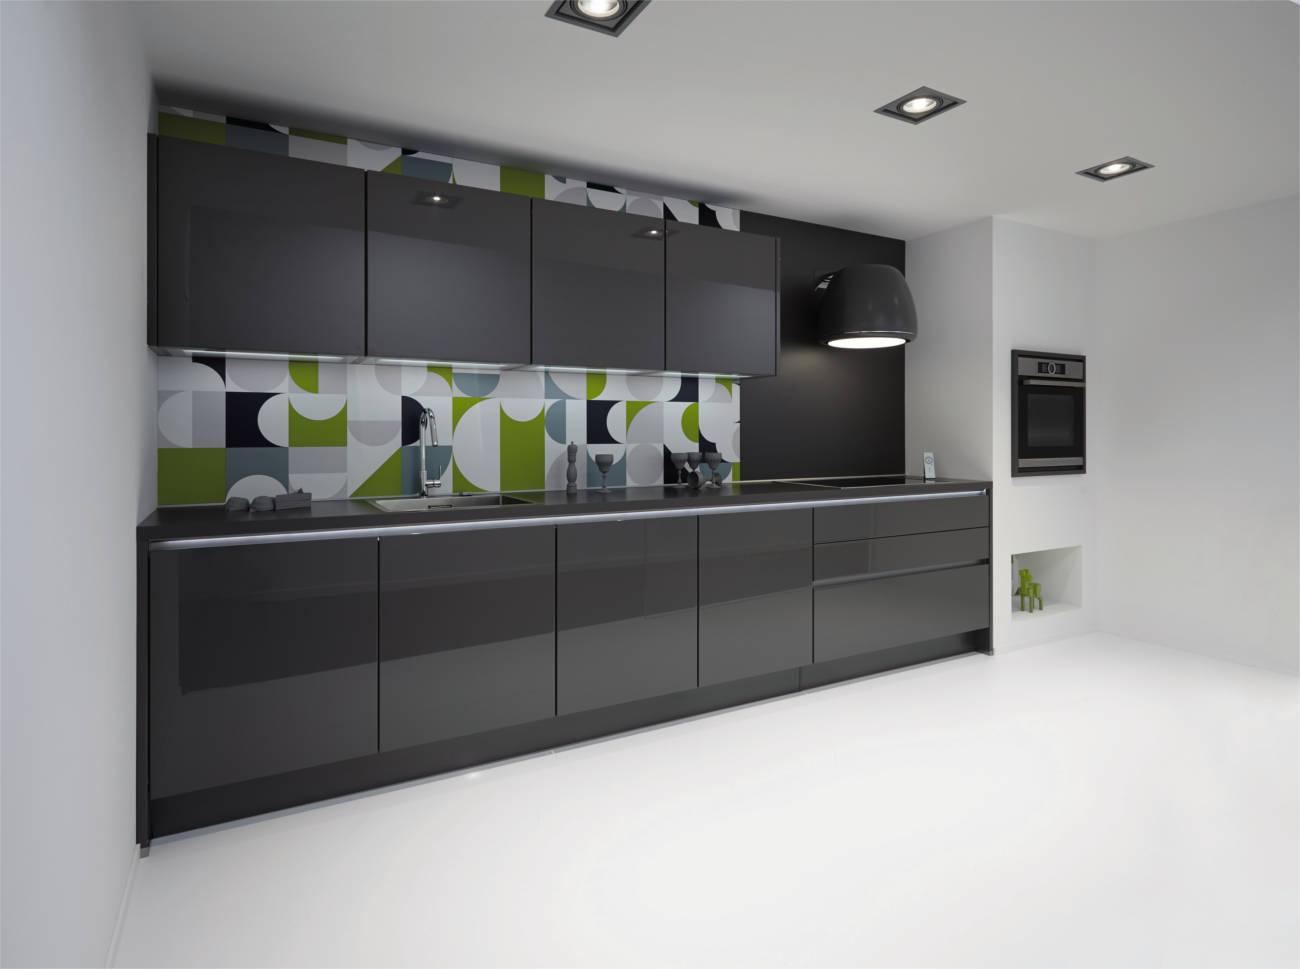 Cucine Americane Moderne Prezzi - Idee per la decorazione di interni ...